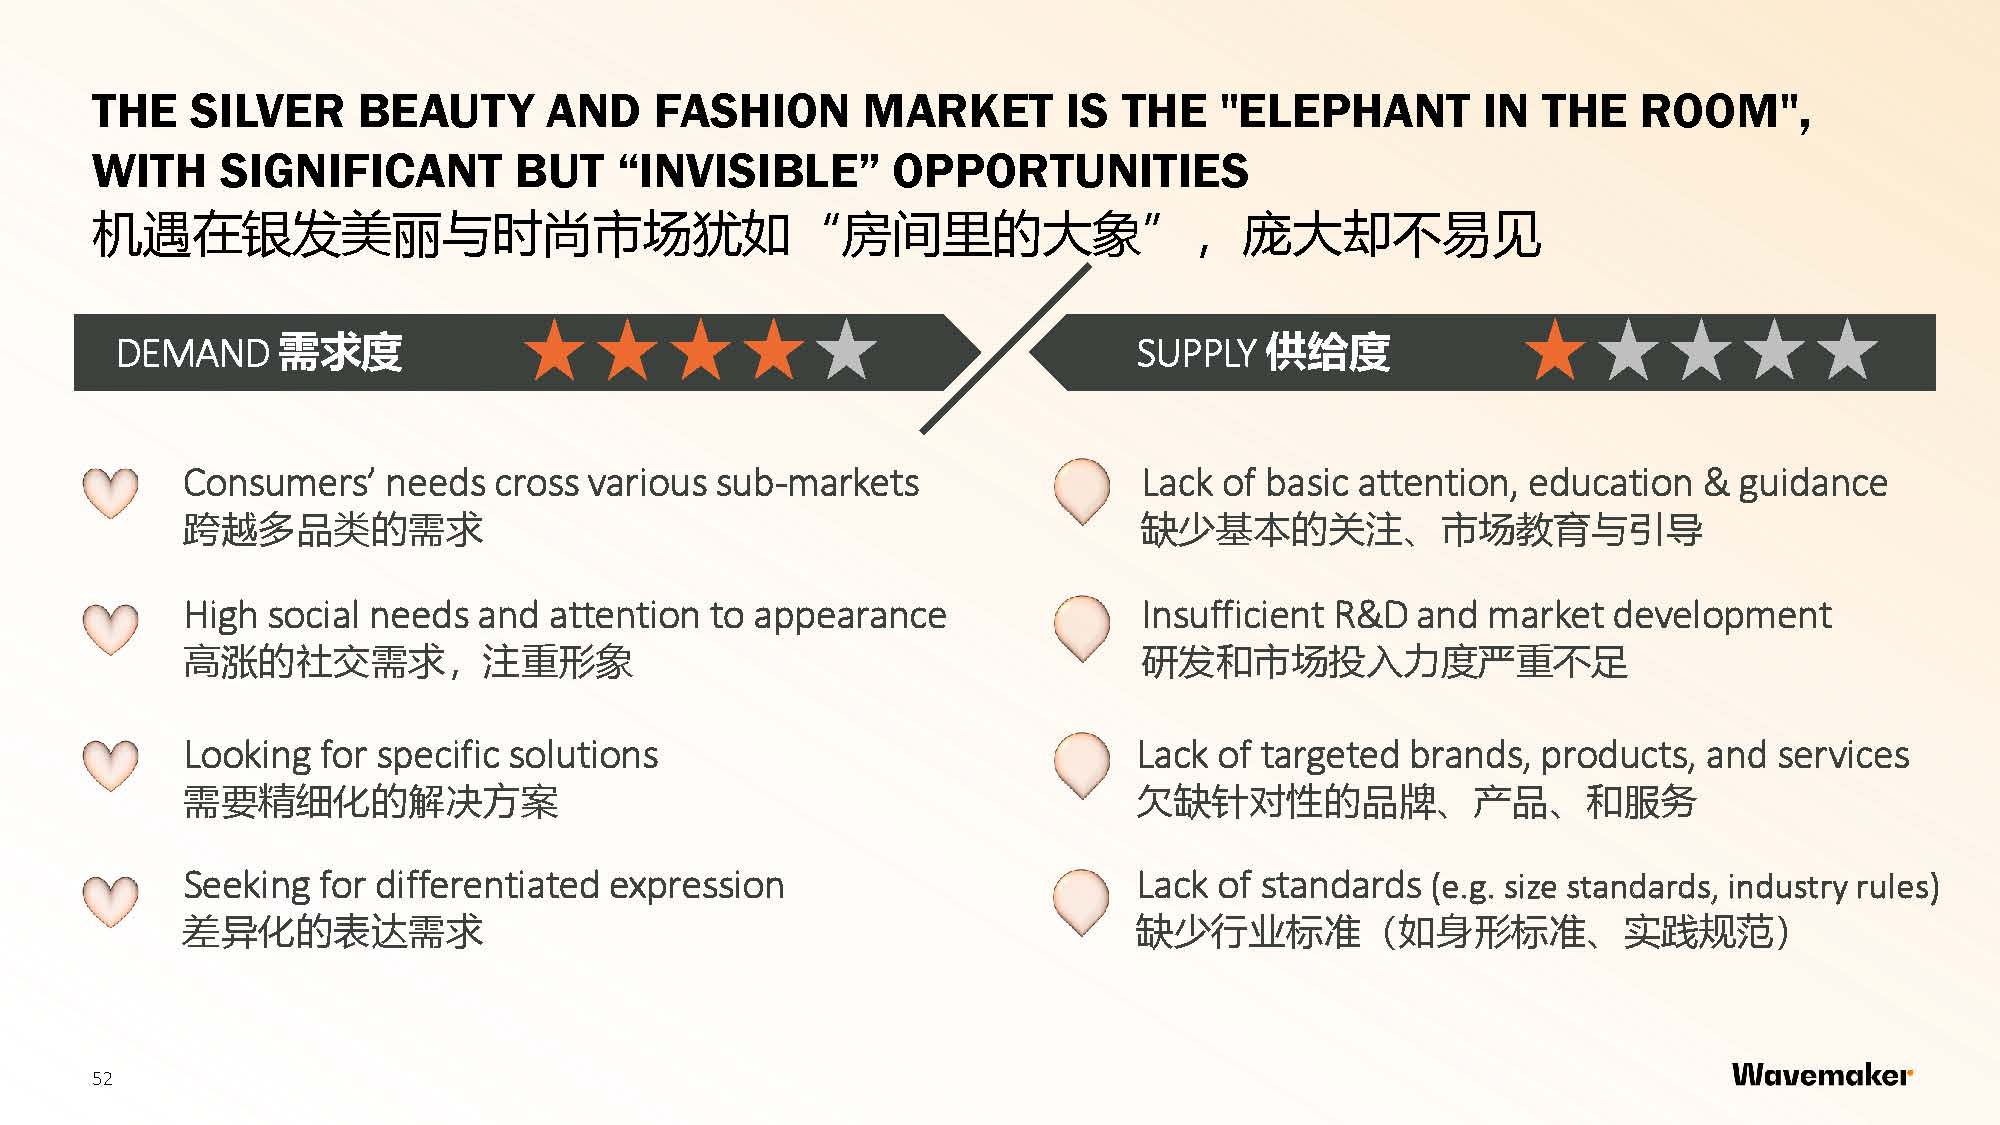 蔚迈《中国老龄化社会的潜藏价值》系列报告-第四篇章-各界共谈银发经济,探索解决方案!